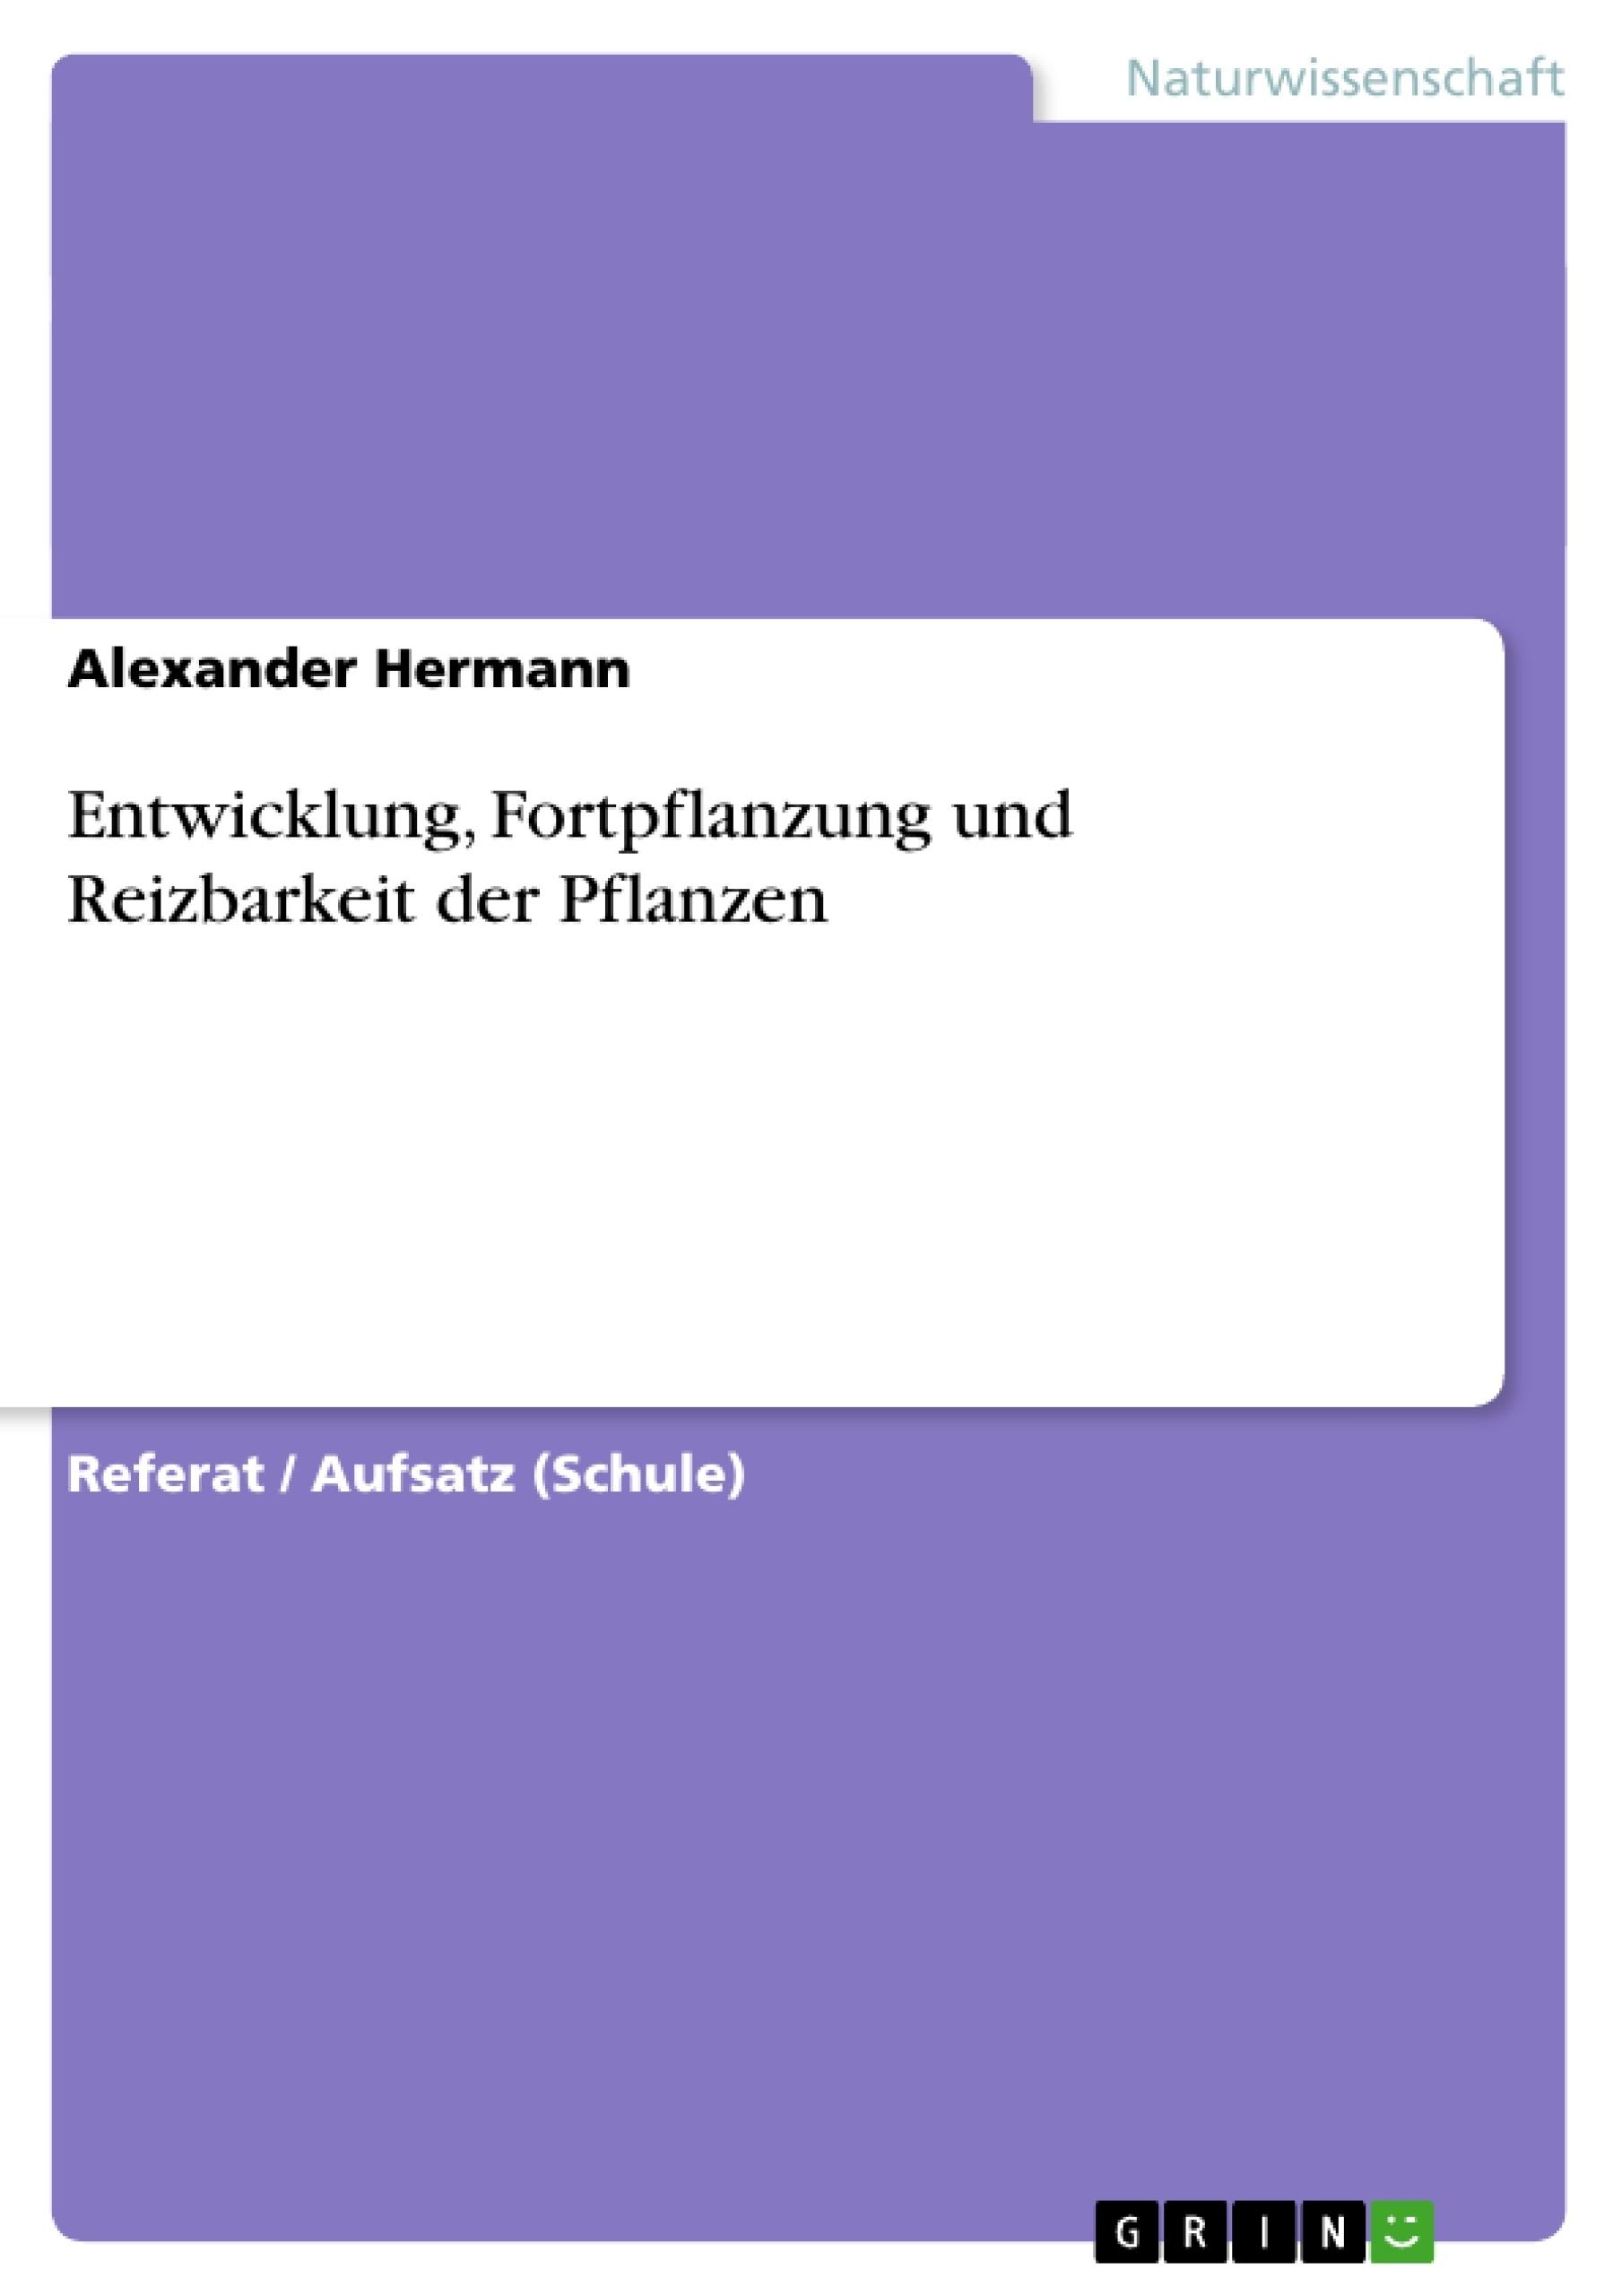 Titel: Entwicklung, Fortpflanzung und Reizbarkeit der Pflanzen